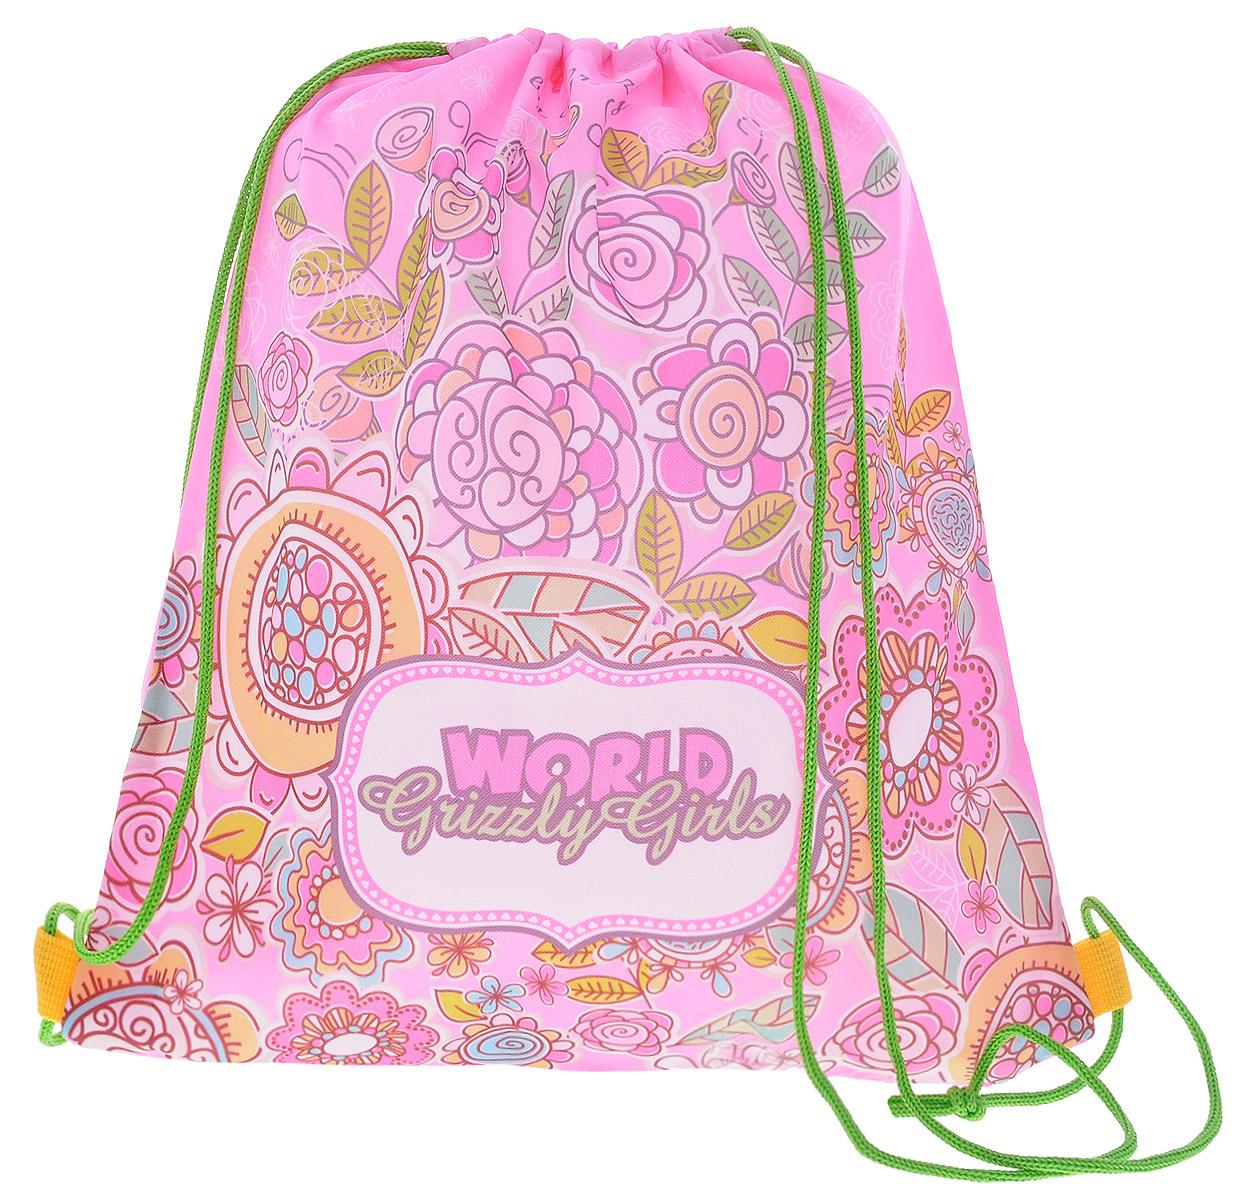 Grizzly Мешок для обуви World Grizzly Girls цвет розовыйOM-672-4/1Мешок для обуви Grizzly World Grizzly Girls идеально подойдет как для хранения, так и для переноски сменной обуви и одежды.Мешок выполнен из прочного материала и содержит одно вместительное отделение, затягивающееся с помощью текстильных шнурков. Шнурки фиксируются в нижней части сумки, благодаря чему ее можно носить за спиной как рюкзак.Ваш ребенок с радостью будет ходить с таким аксессуаром в школу!Уход: протирать мыльным раствором (без хлора) при температуре не выше 30 градусов.